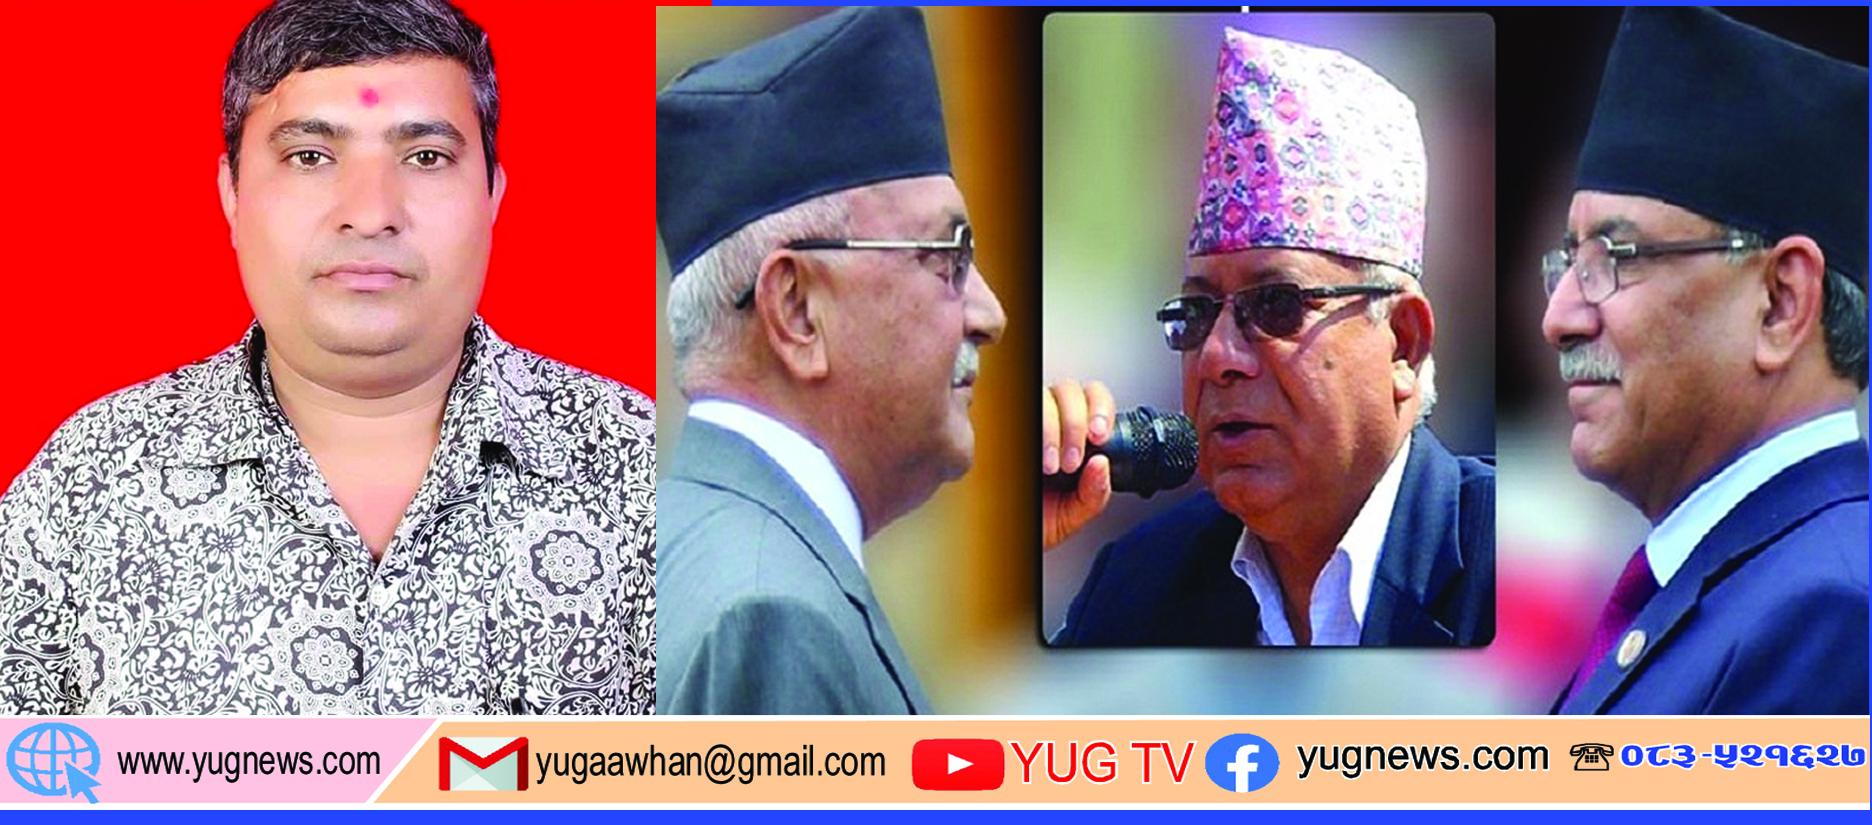 नेता माधब नेपाललाई कार्यकर्ताको खुल्ला पत्र